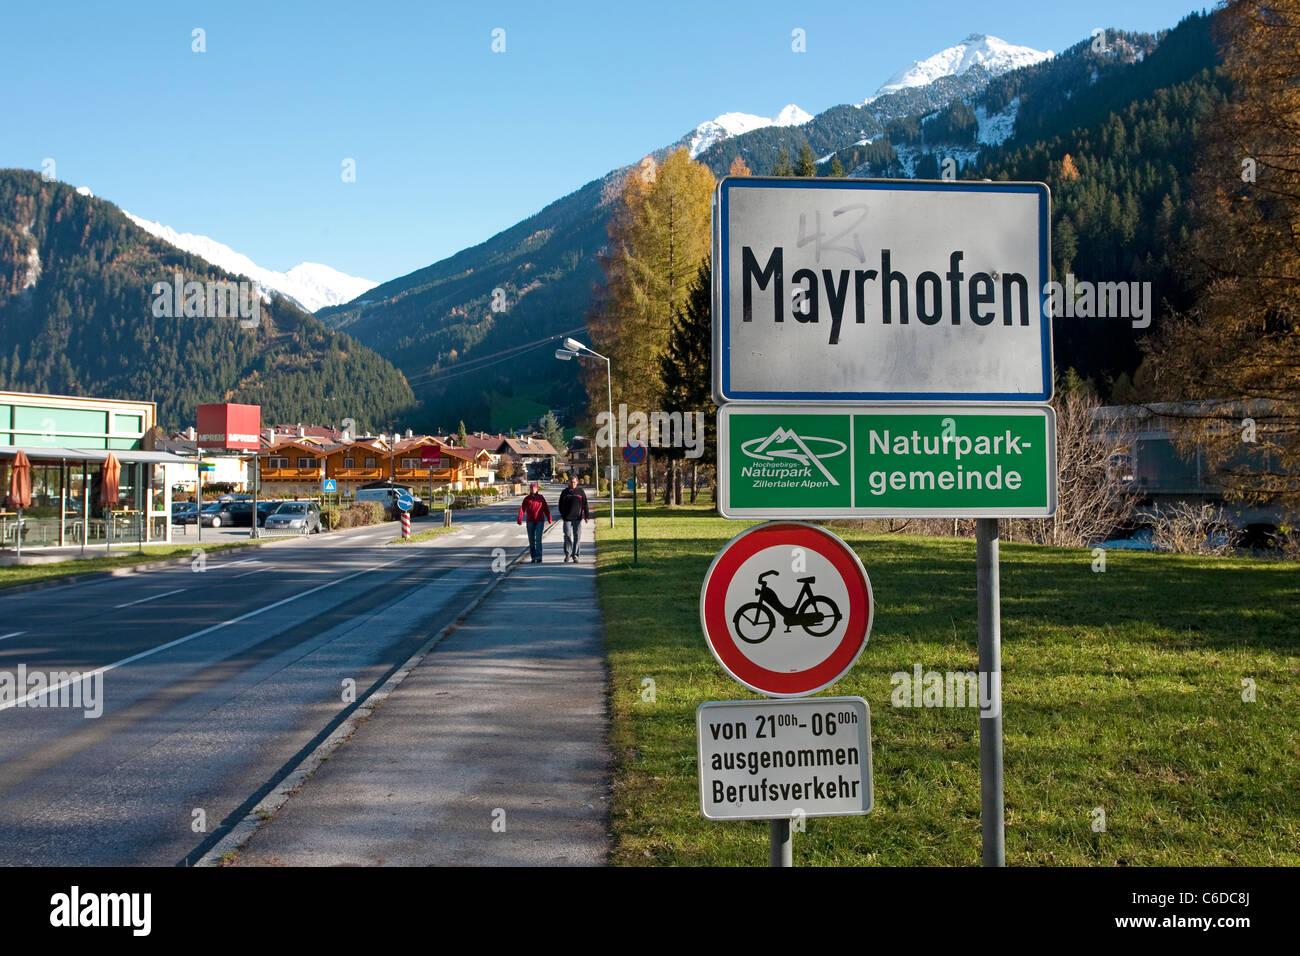 Mayrhofen exklusive partnervermittlung. Wagna reiche single mnner